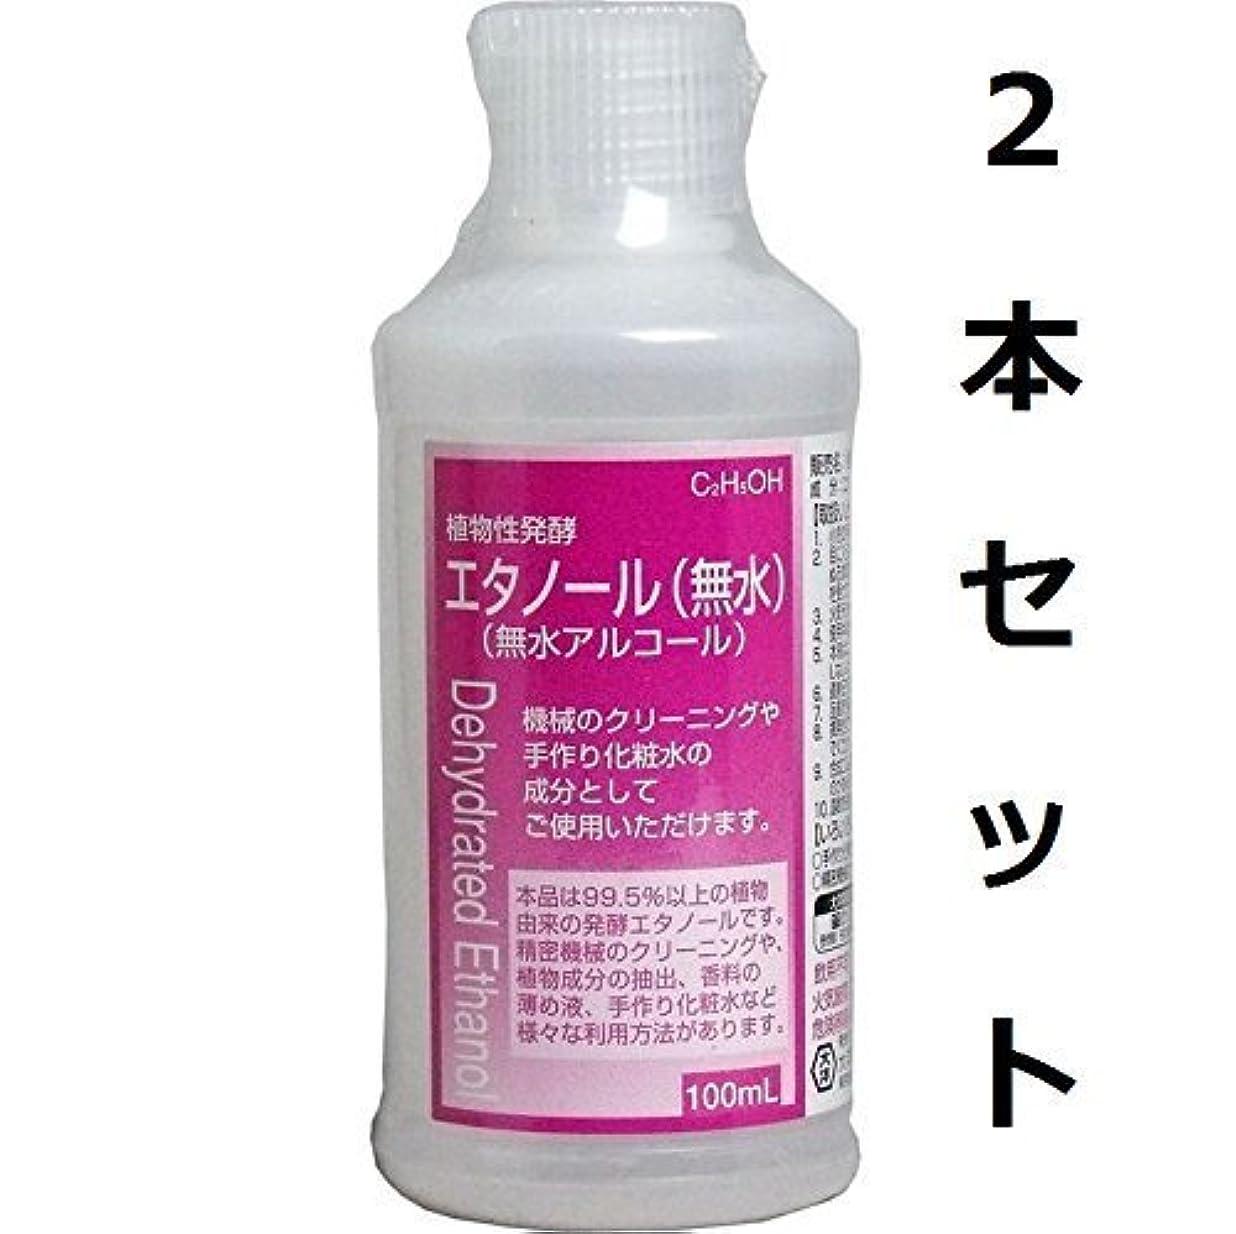 注意トマト揺れる香料の薄め液に 植物性発酵エタノール(無水エタノール) 100mL 2本セット by 大洋製薬